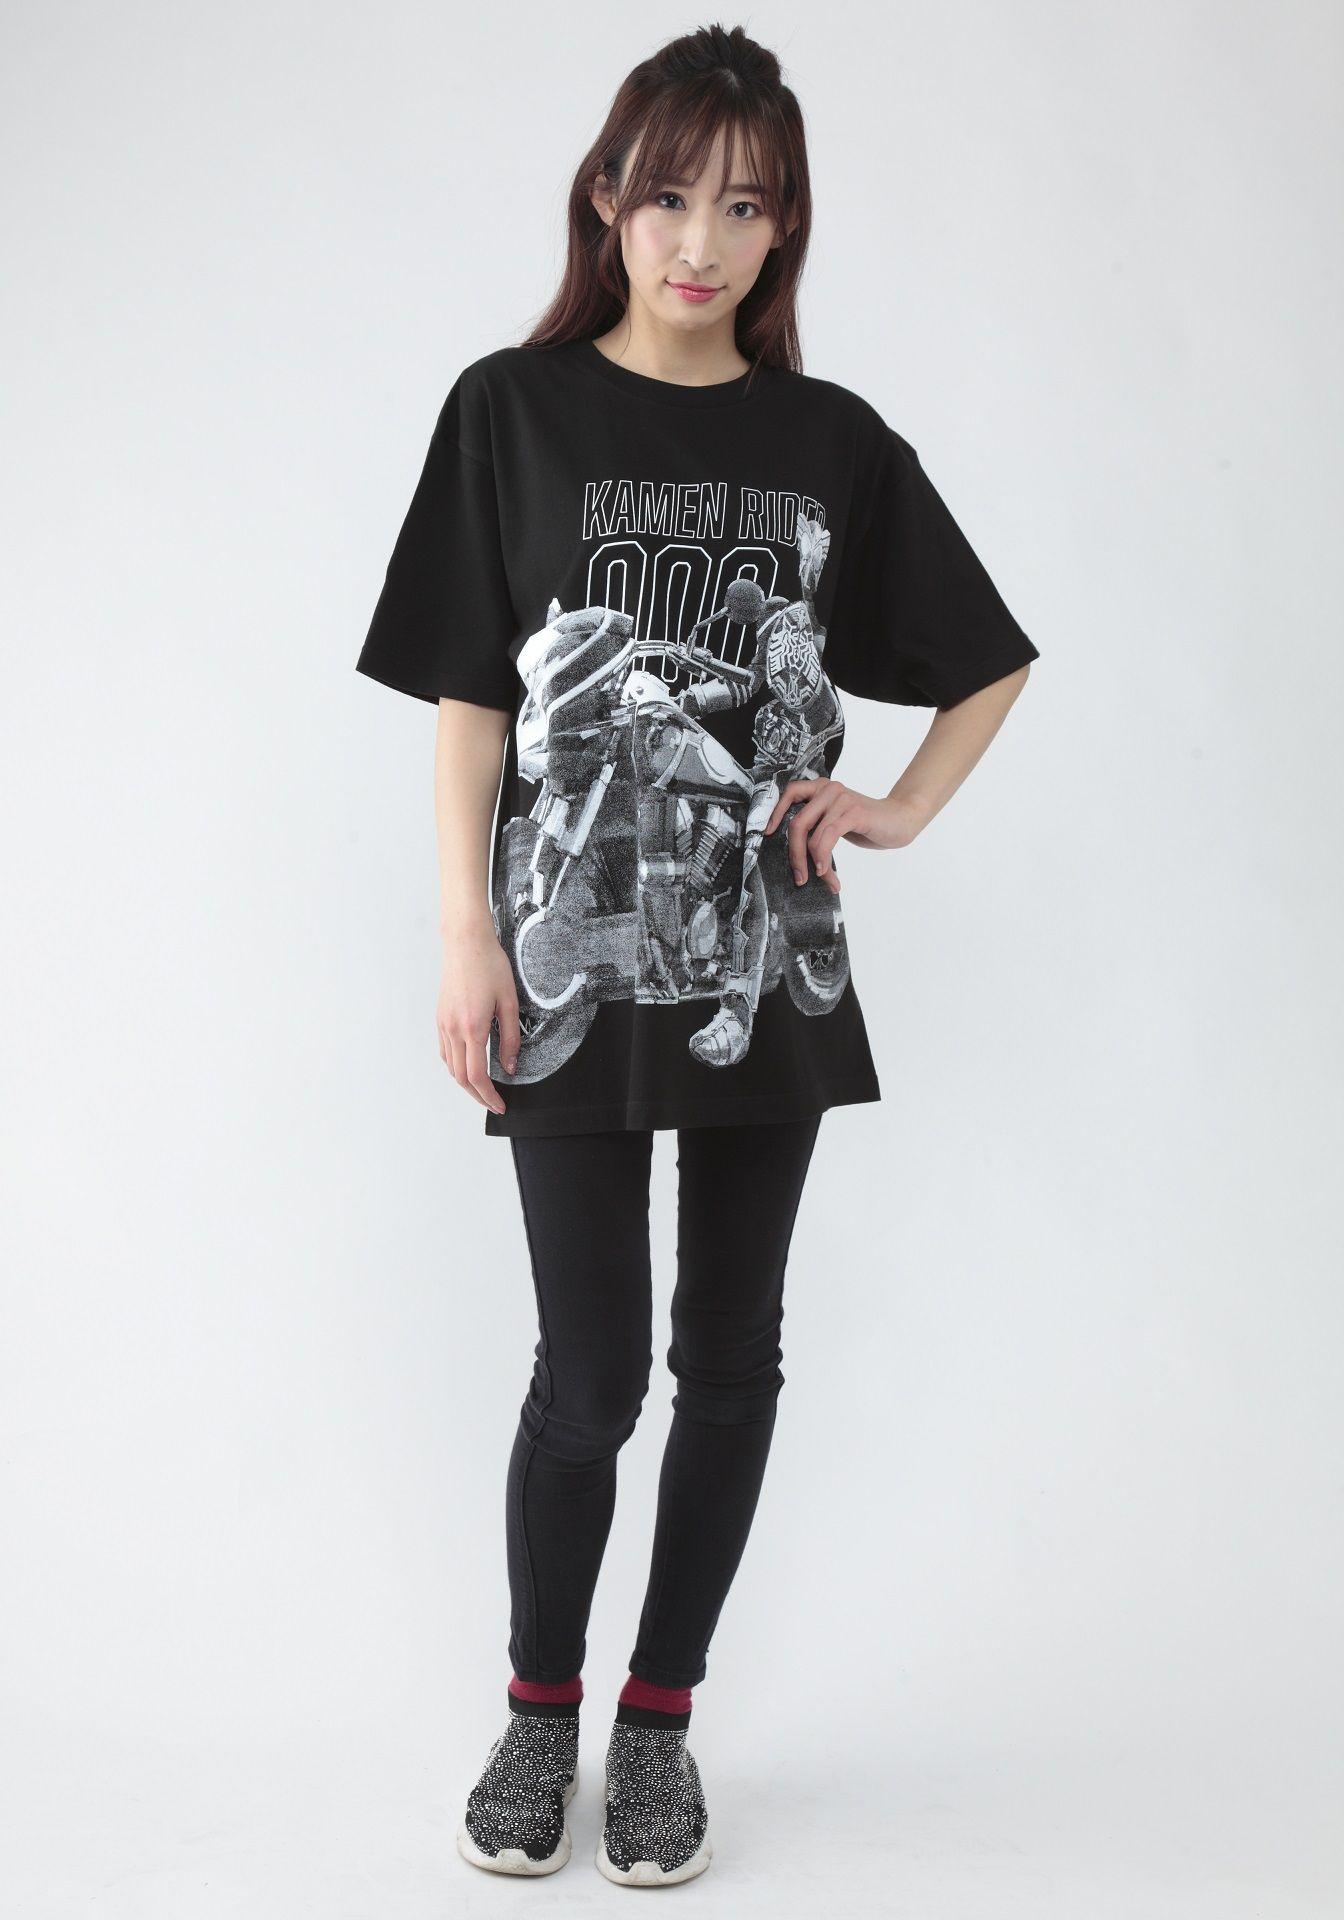 菅原芳人計畫 幪面超人OOO 與 Ride Vendor T-Shirt